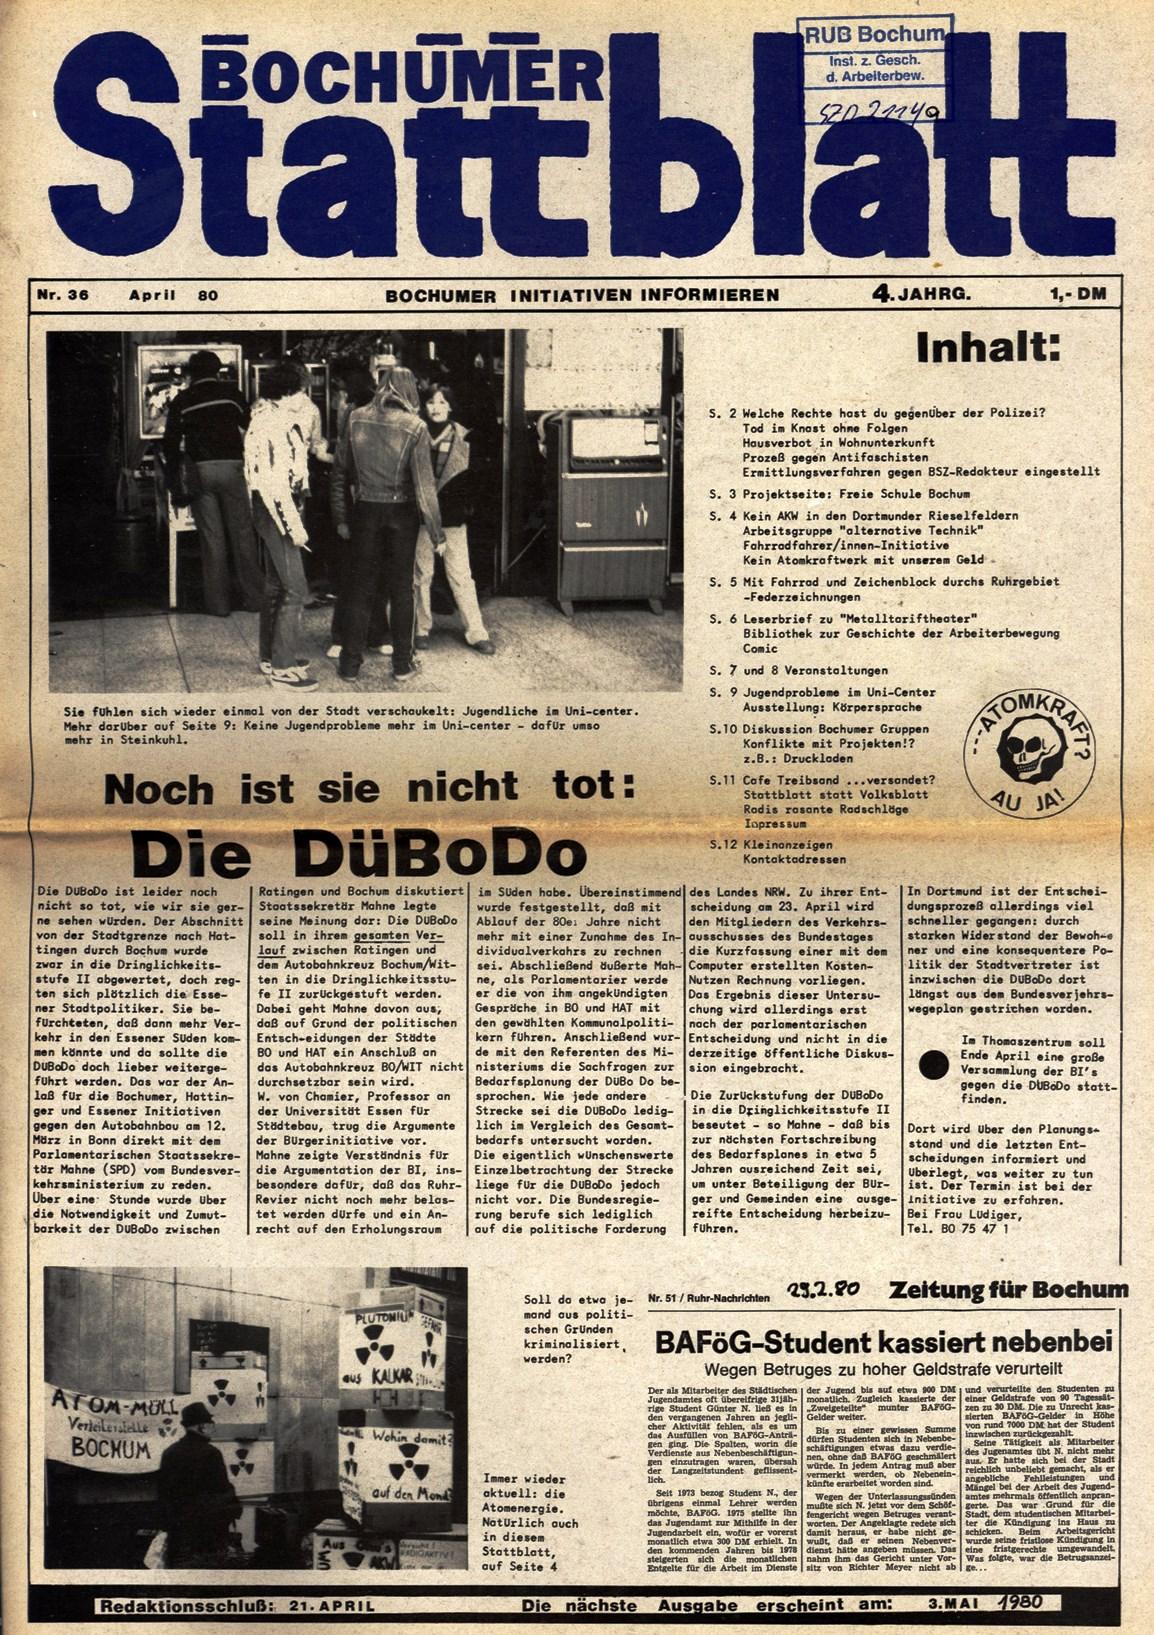 Bochum_Stattblatt_19800400_36_01